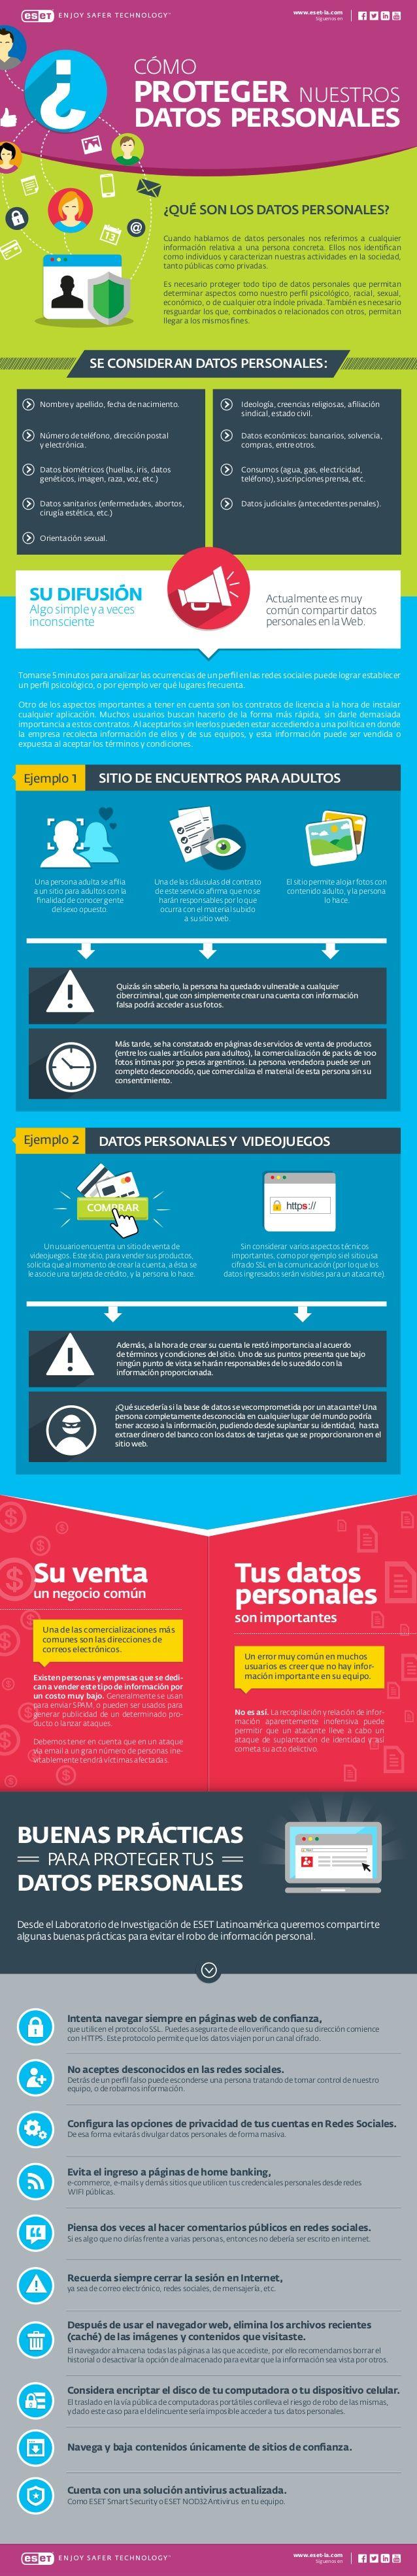 Cómo Proteger Nuestros Datos Personales Privacidad Proteccion De Datos Seguridad Informática Infografia